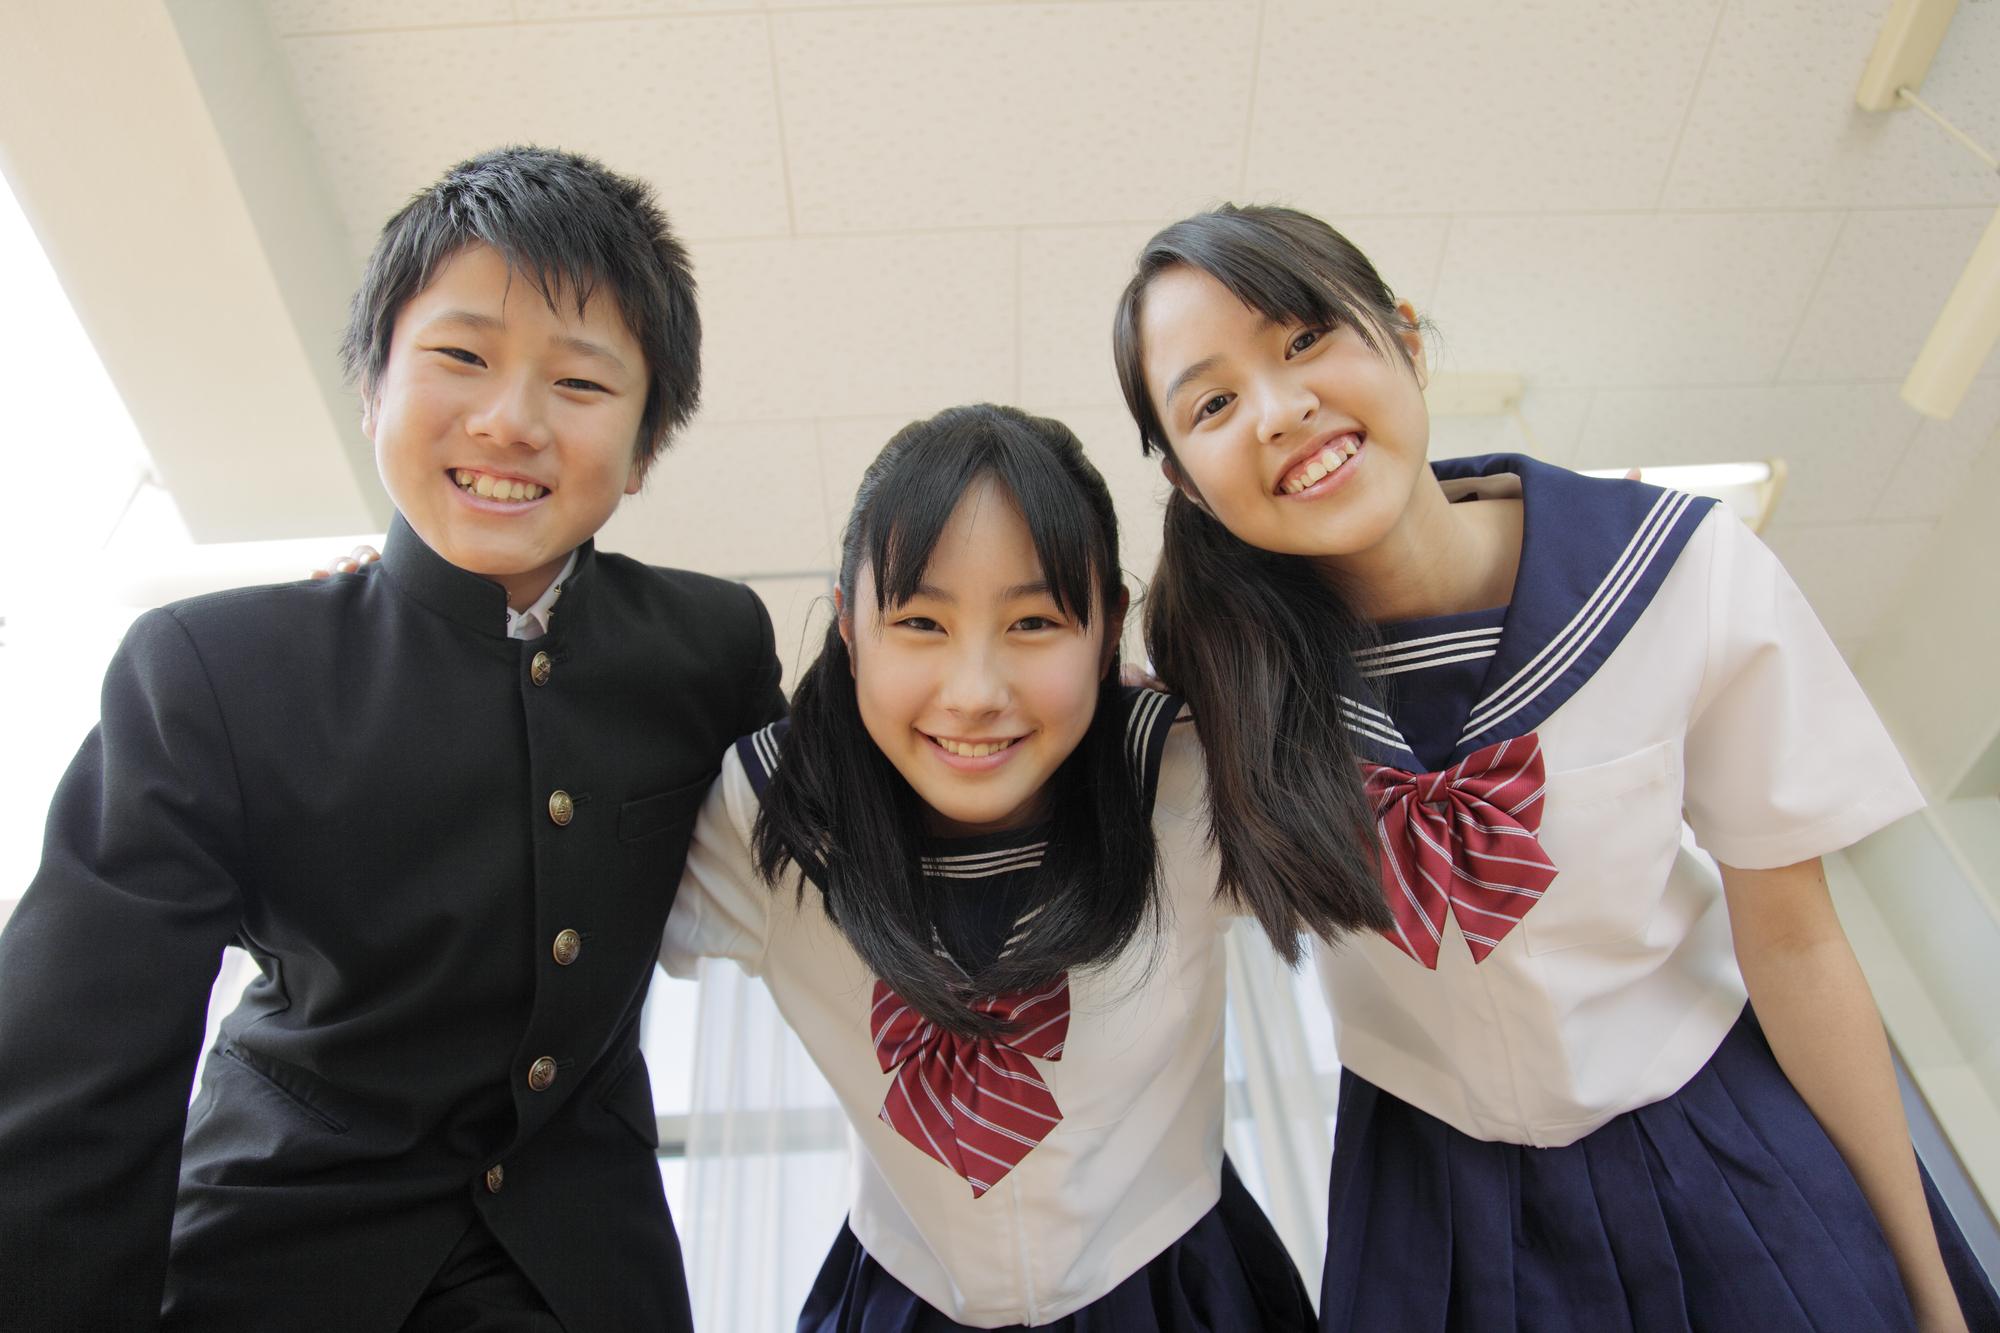 中学生と身長